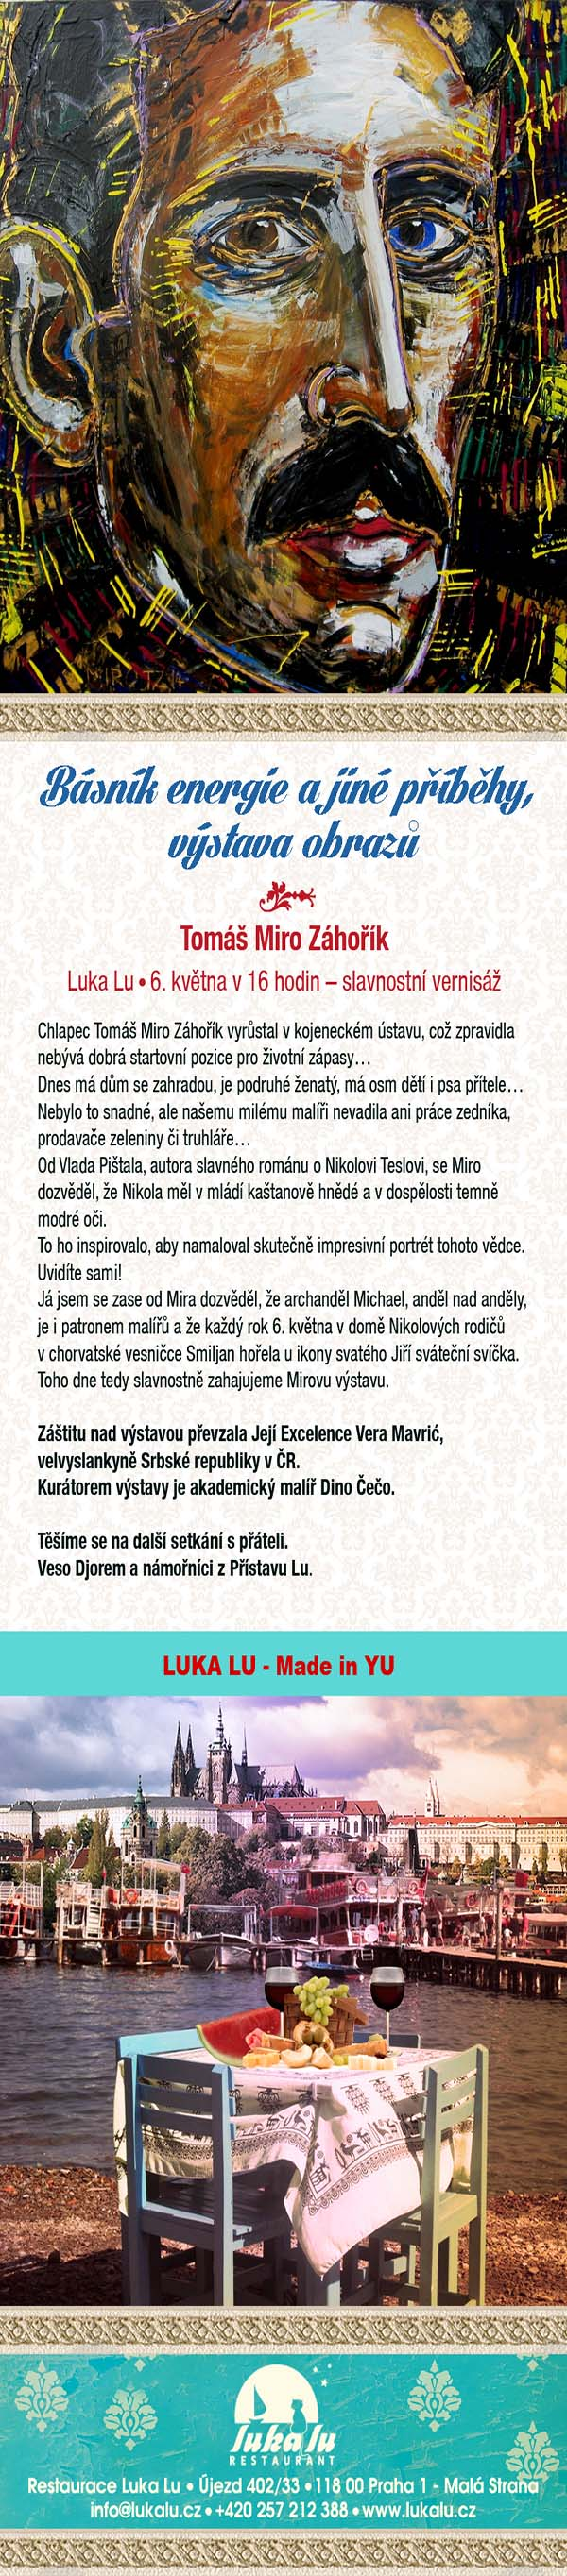 Tomáš Miro Záhořík